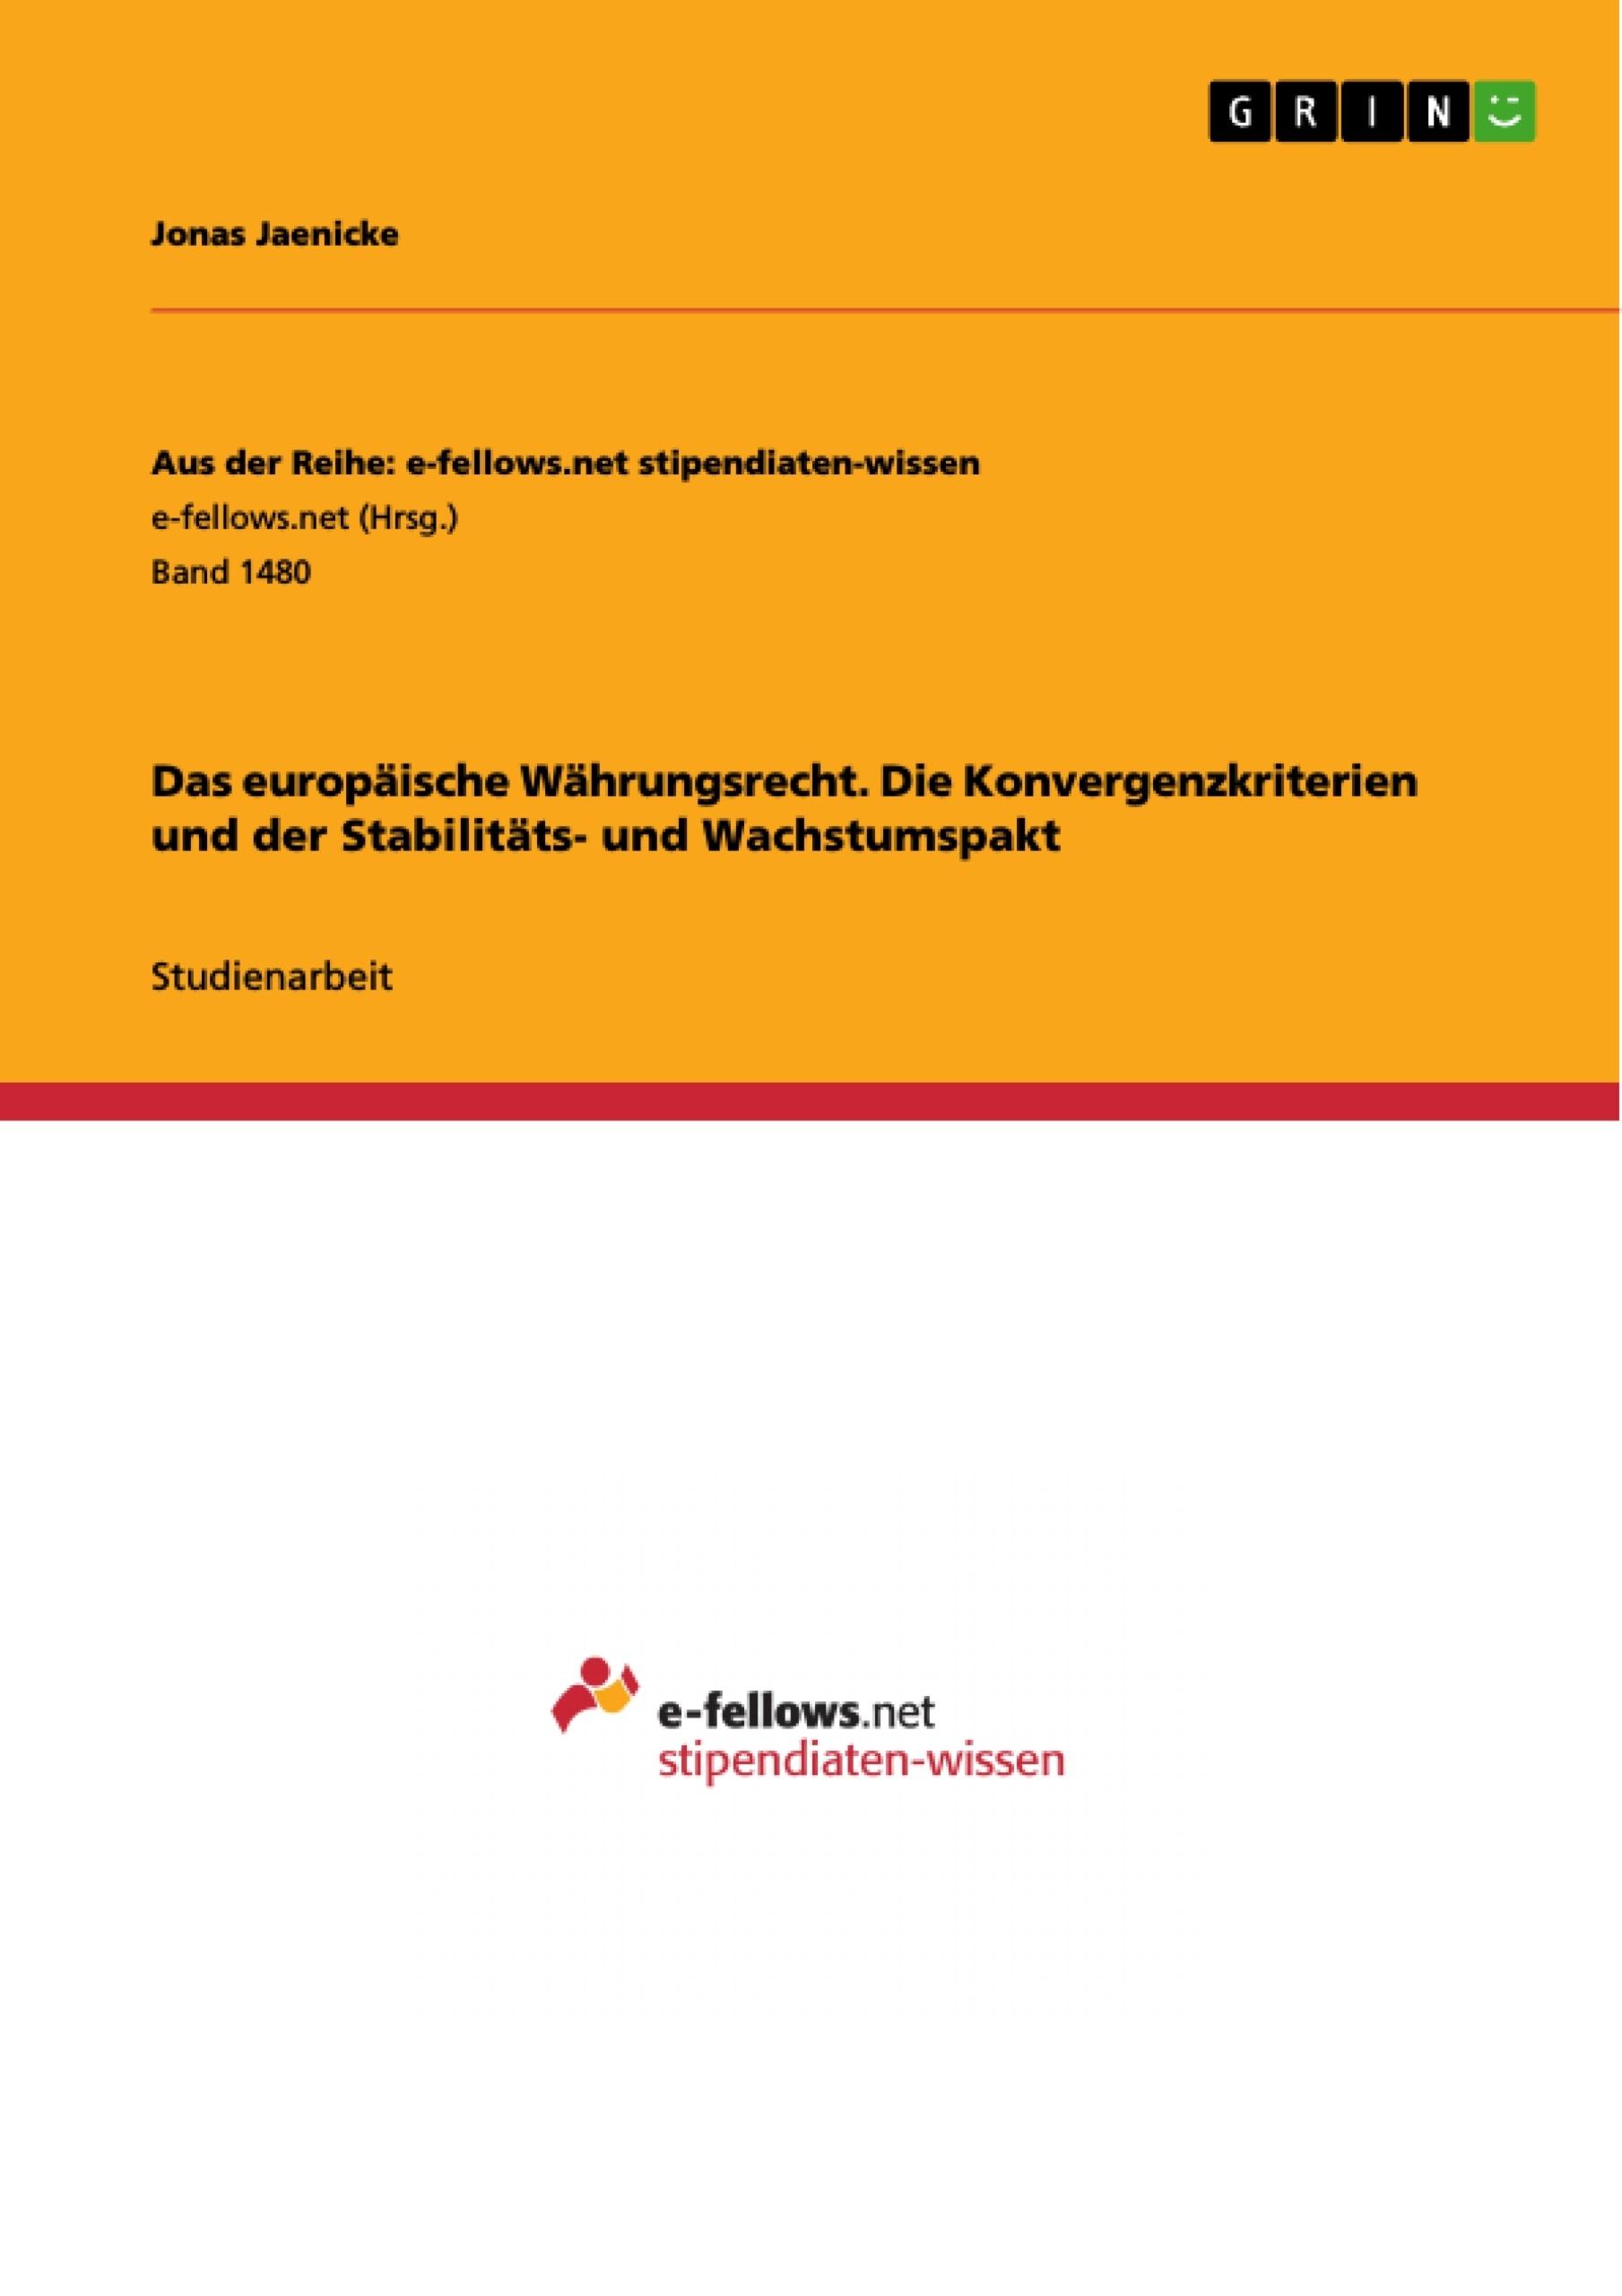 Titel: Das europäische Währungsrecht. Die Konvergenzkriterien und der Stabilitäts- und Wachstumspakt